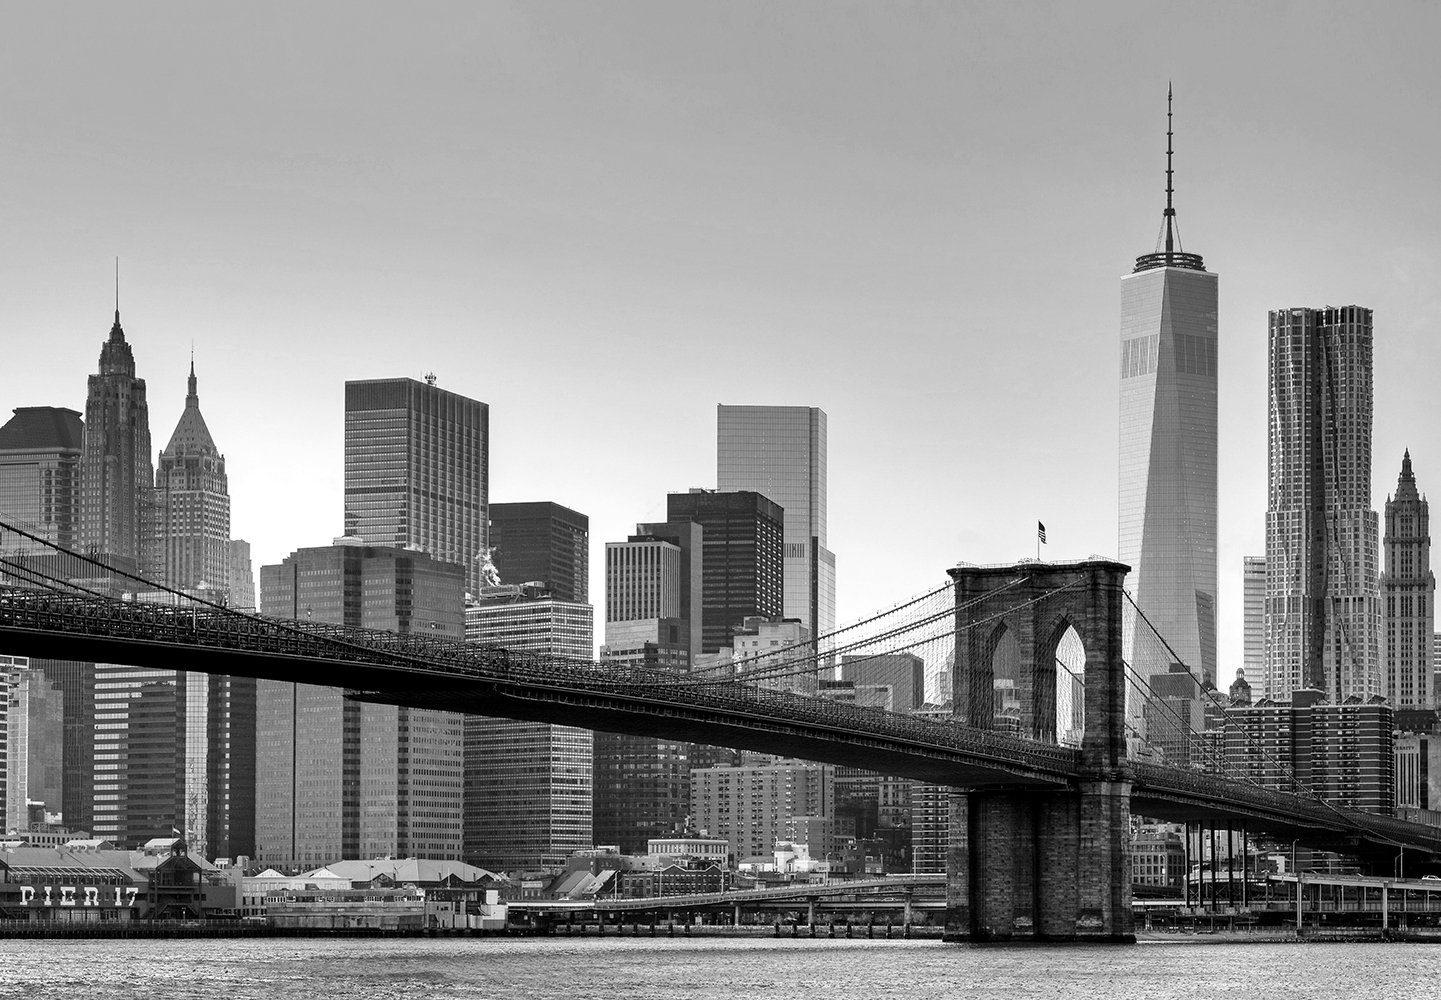 Fototapete »New York«, 8-teilig, 366x254 cm